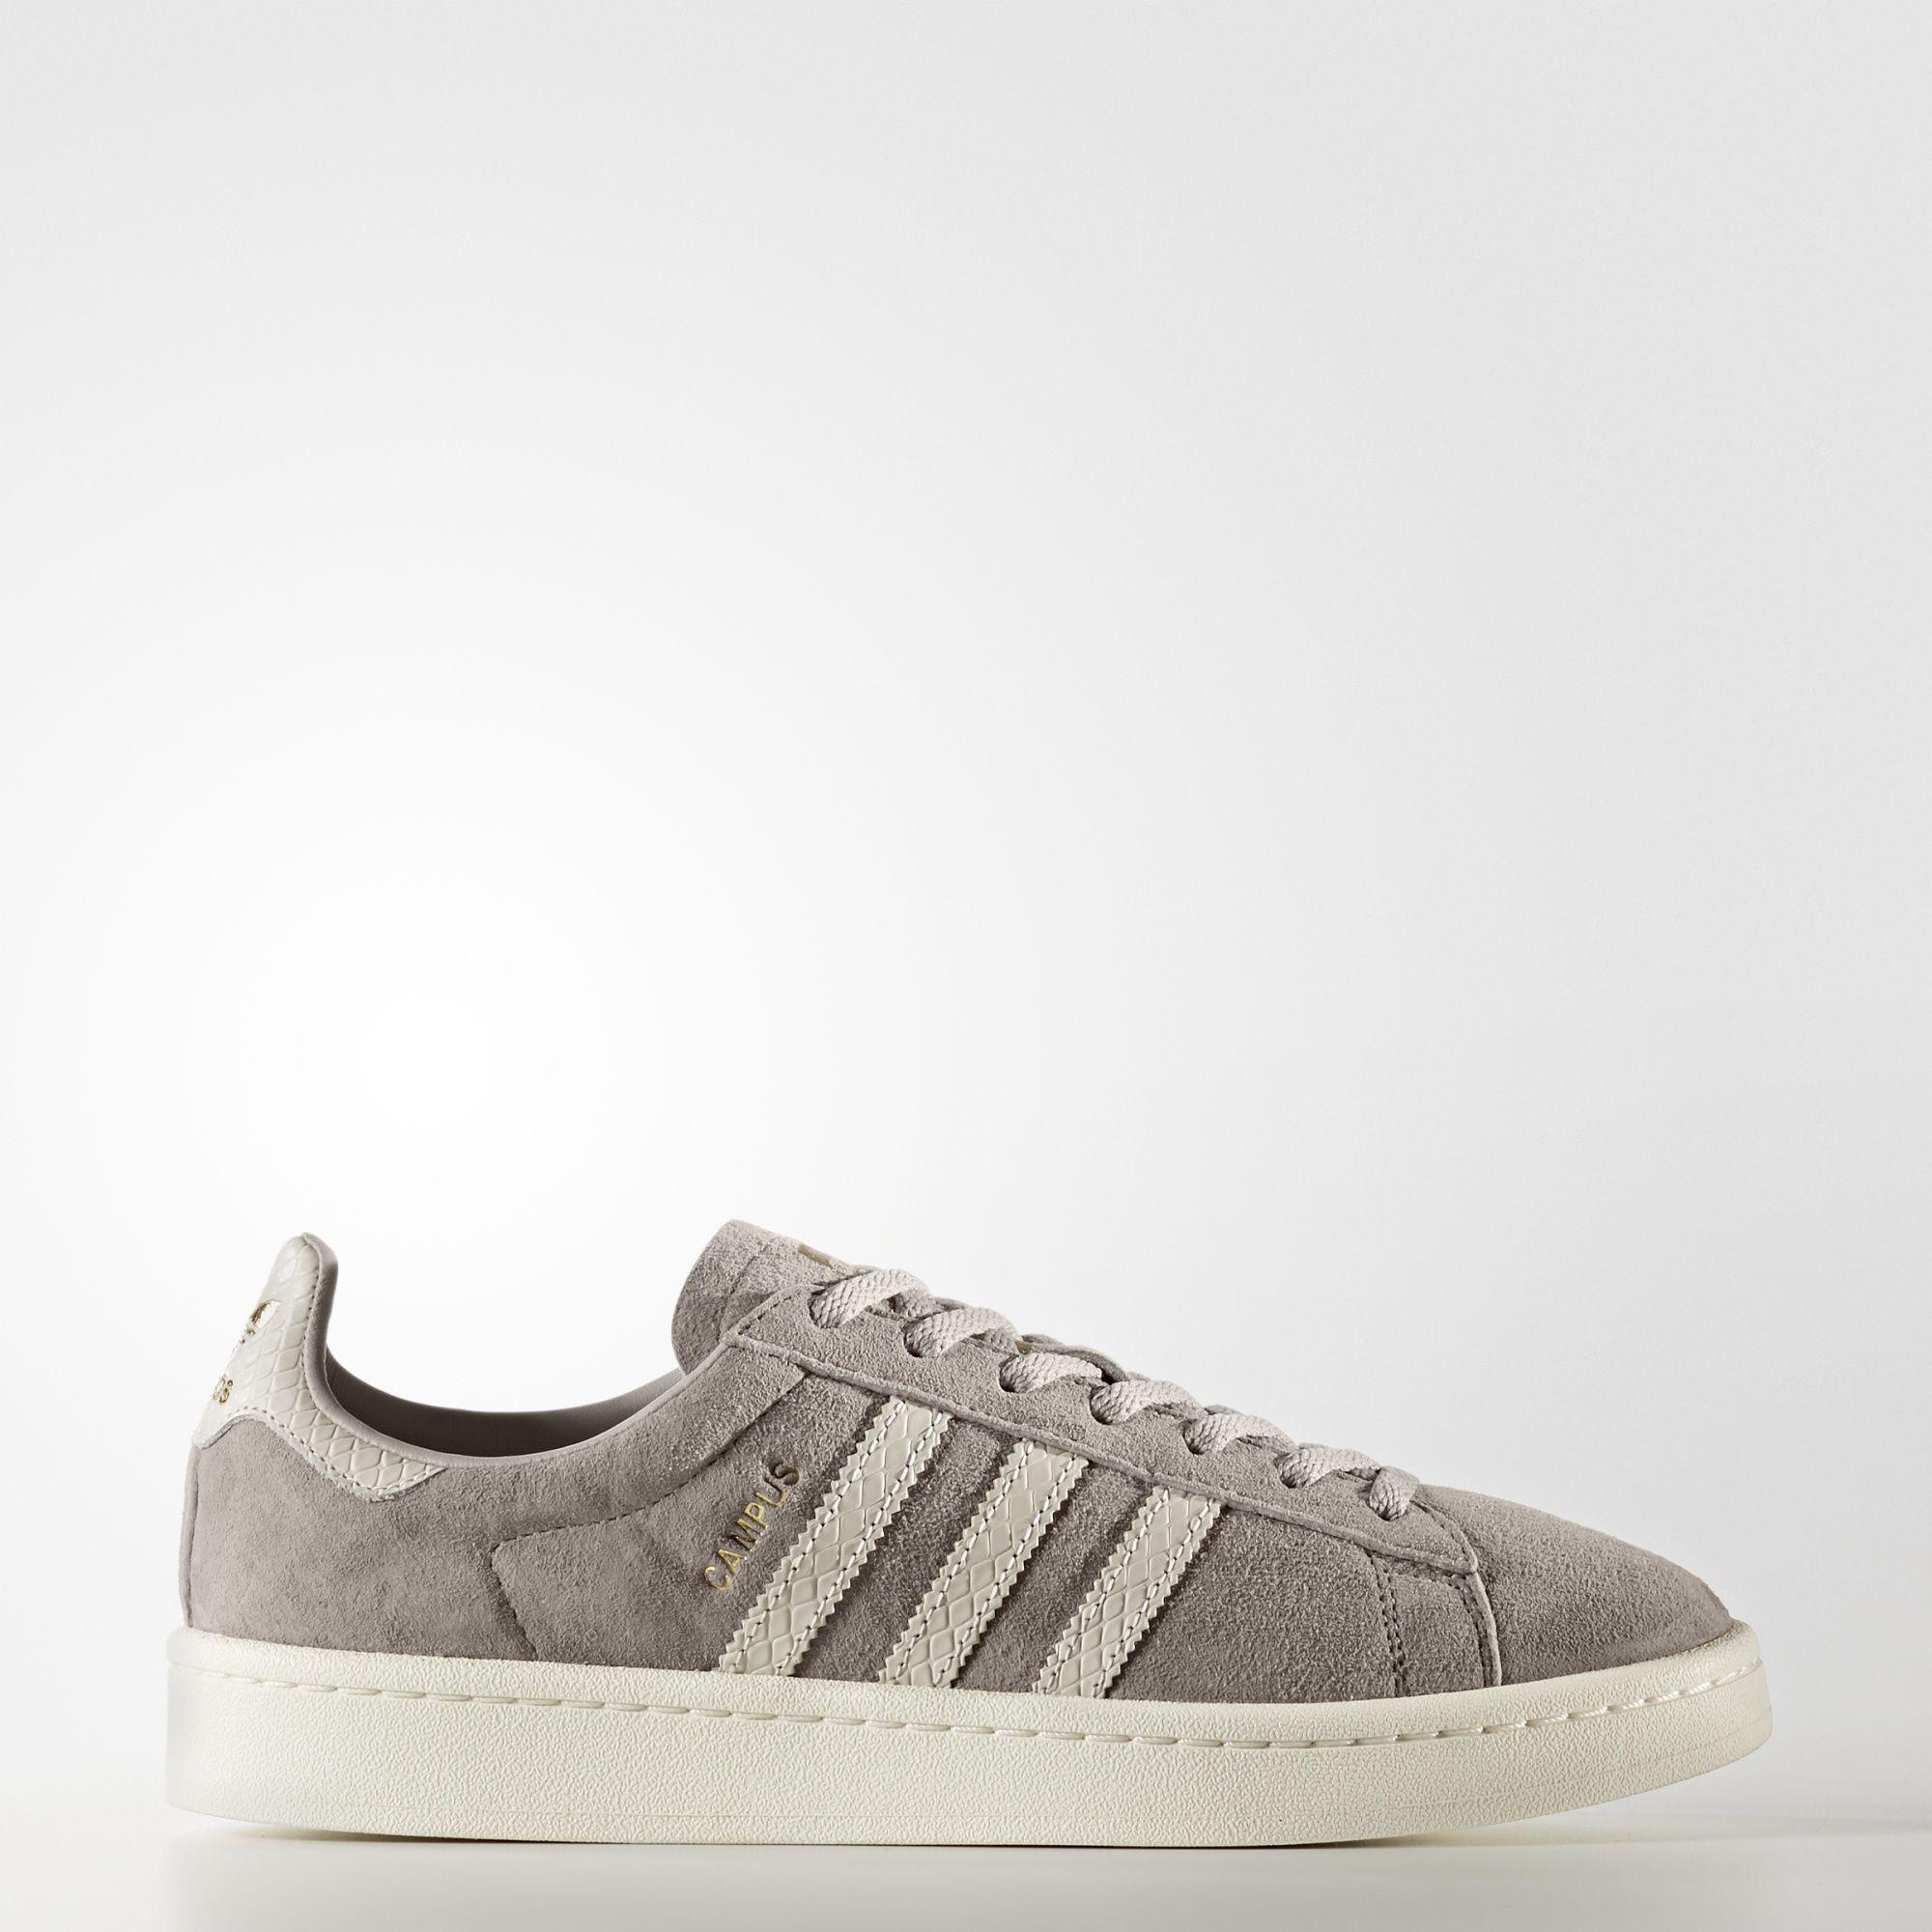 Livraison gratuite sortie vente 100% d'origine Campus Chaussures Adidas Brun / Blanc Cassé choix de jeu magasin de vente Y7Btrx